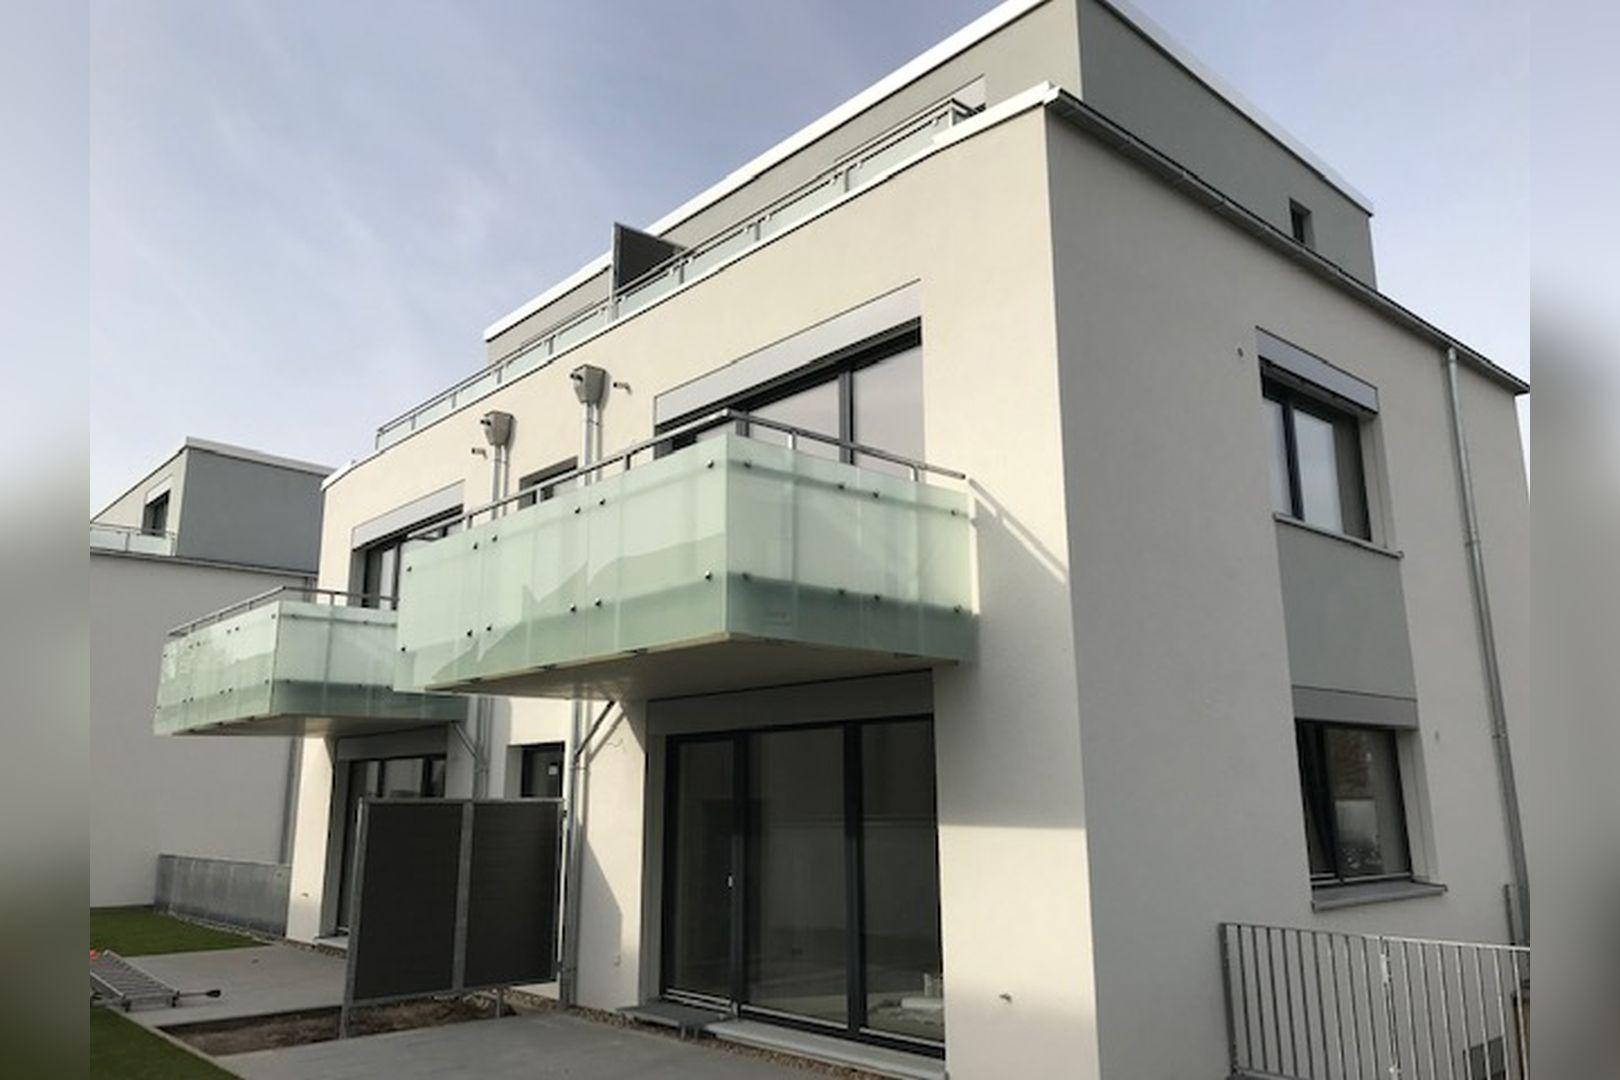 Immobilie Nr.BÖ-01.1 - BÖ-01.1; Maisonette Wohnung über EG und Sout., Garten u. Terrasse - Bild 9.jpg